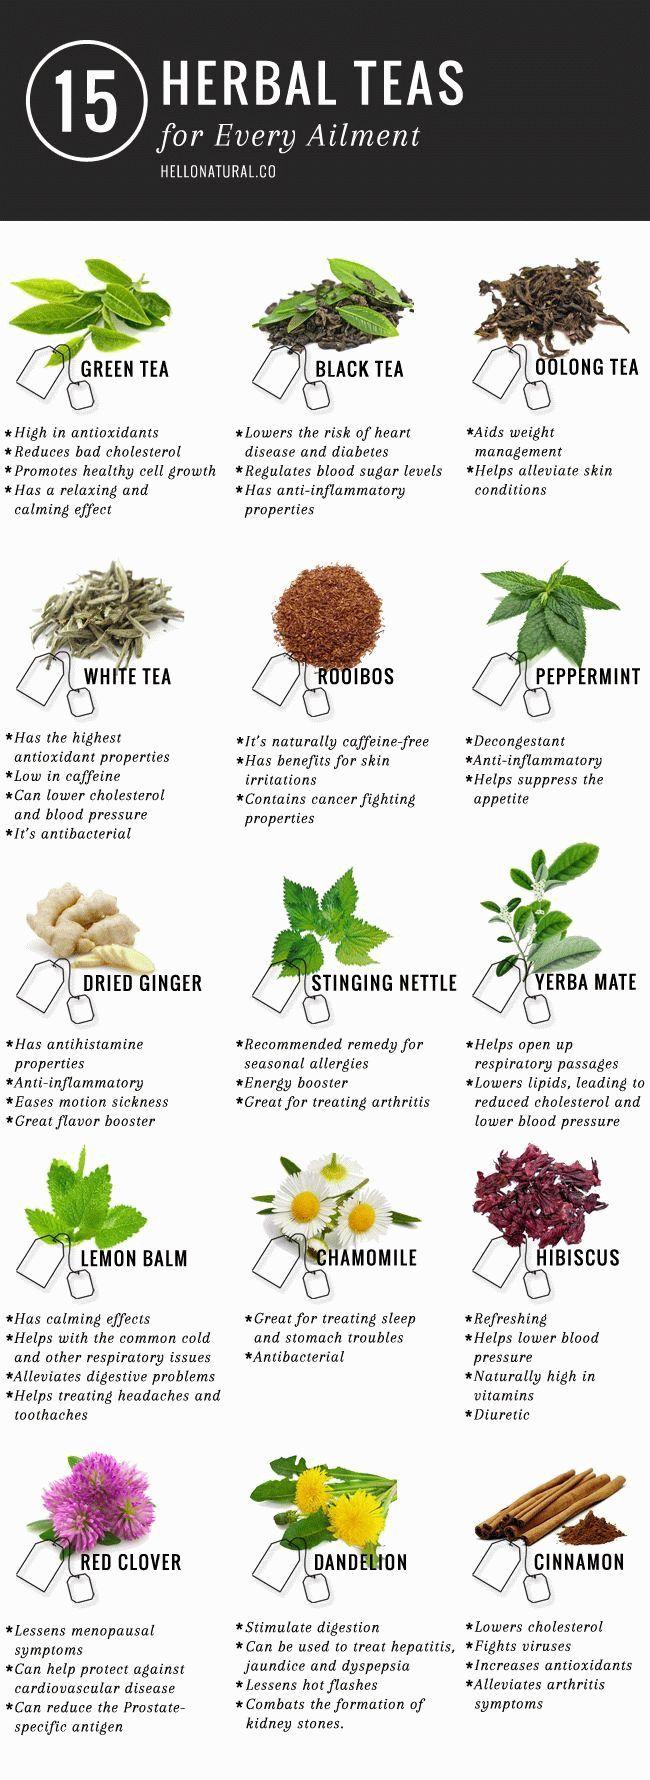 15 Teas for Any Ailment